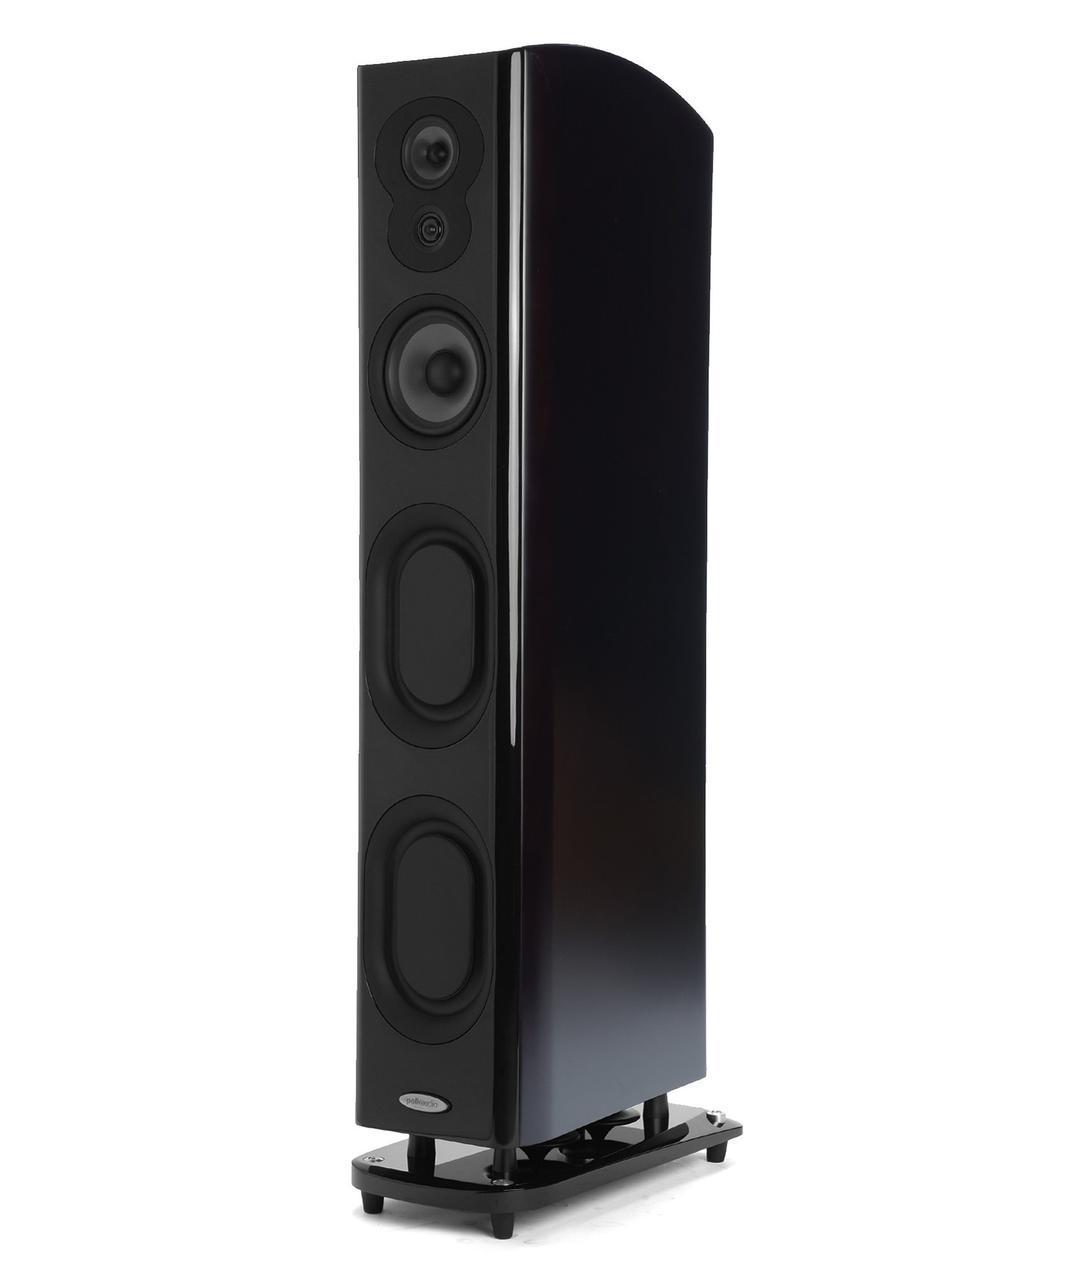 Акустика напольная фронтальная монополярная, четырехполосная, пассивная, фазоинверторная Polk Audio LSiM707, 8